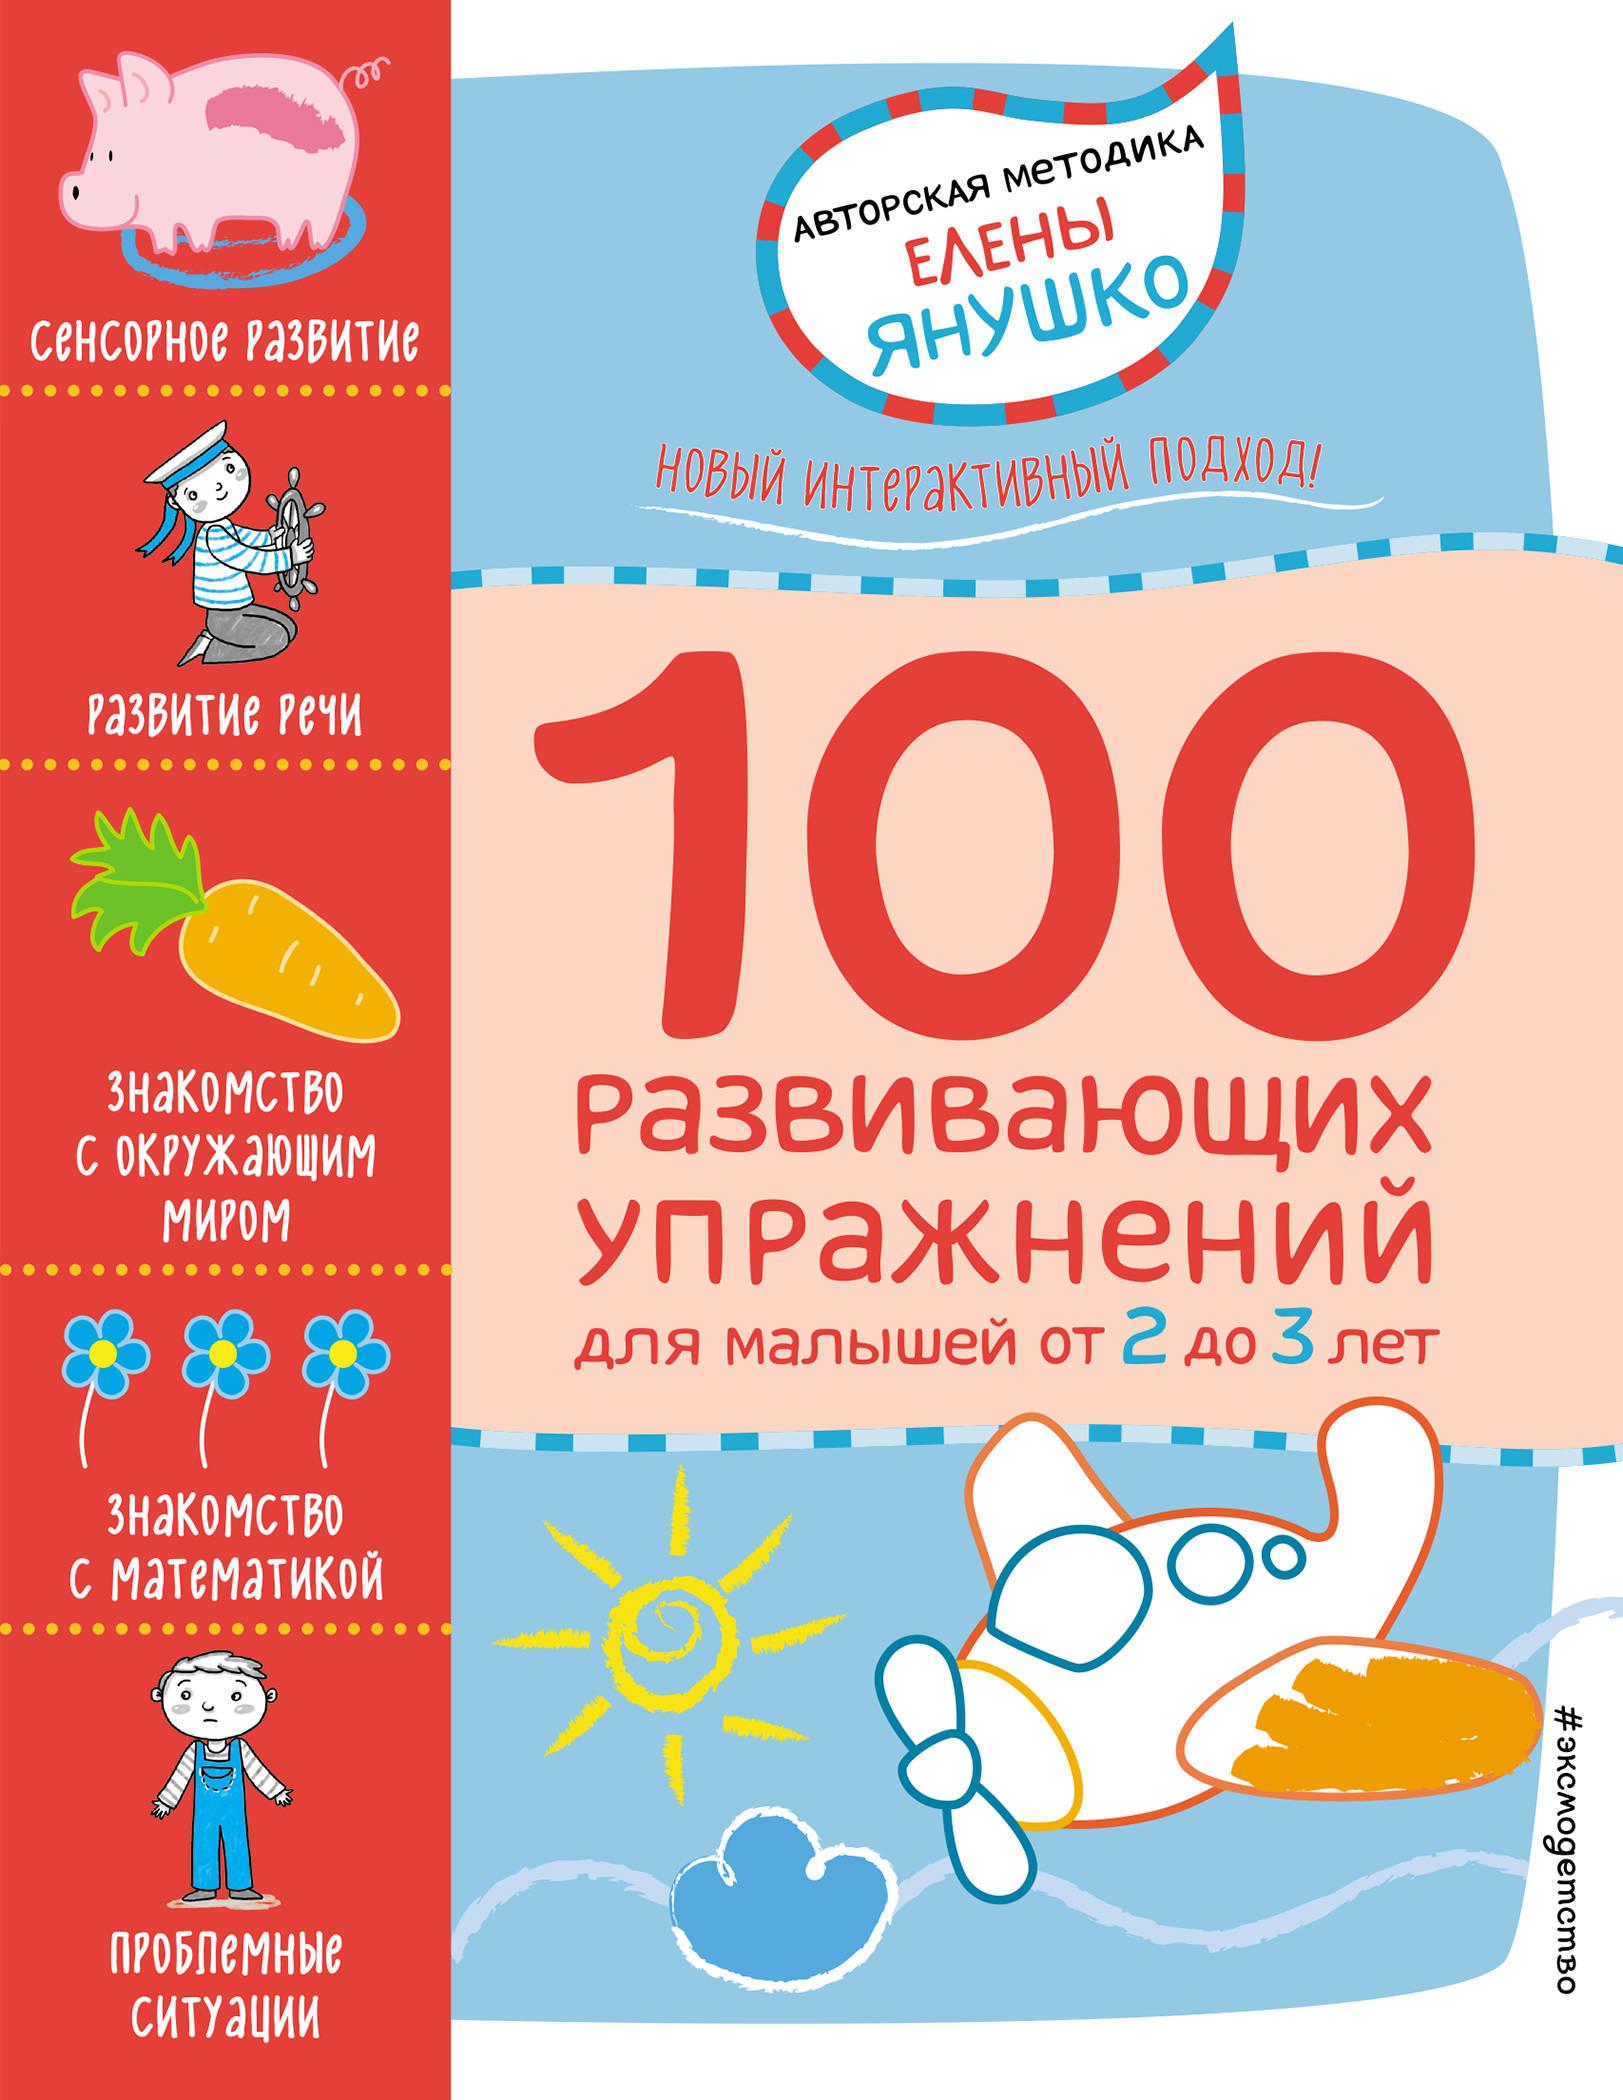 Е. А. Янушко. 100 развивающих упражнений для малышей